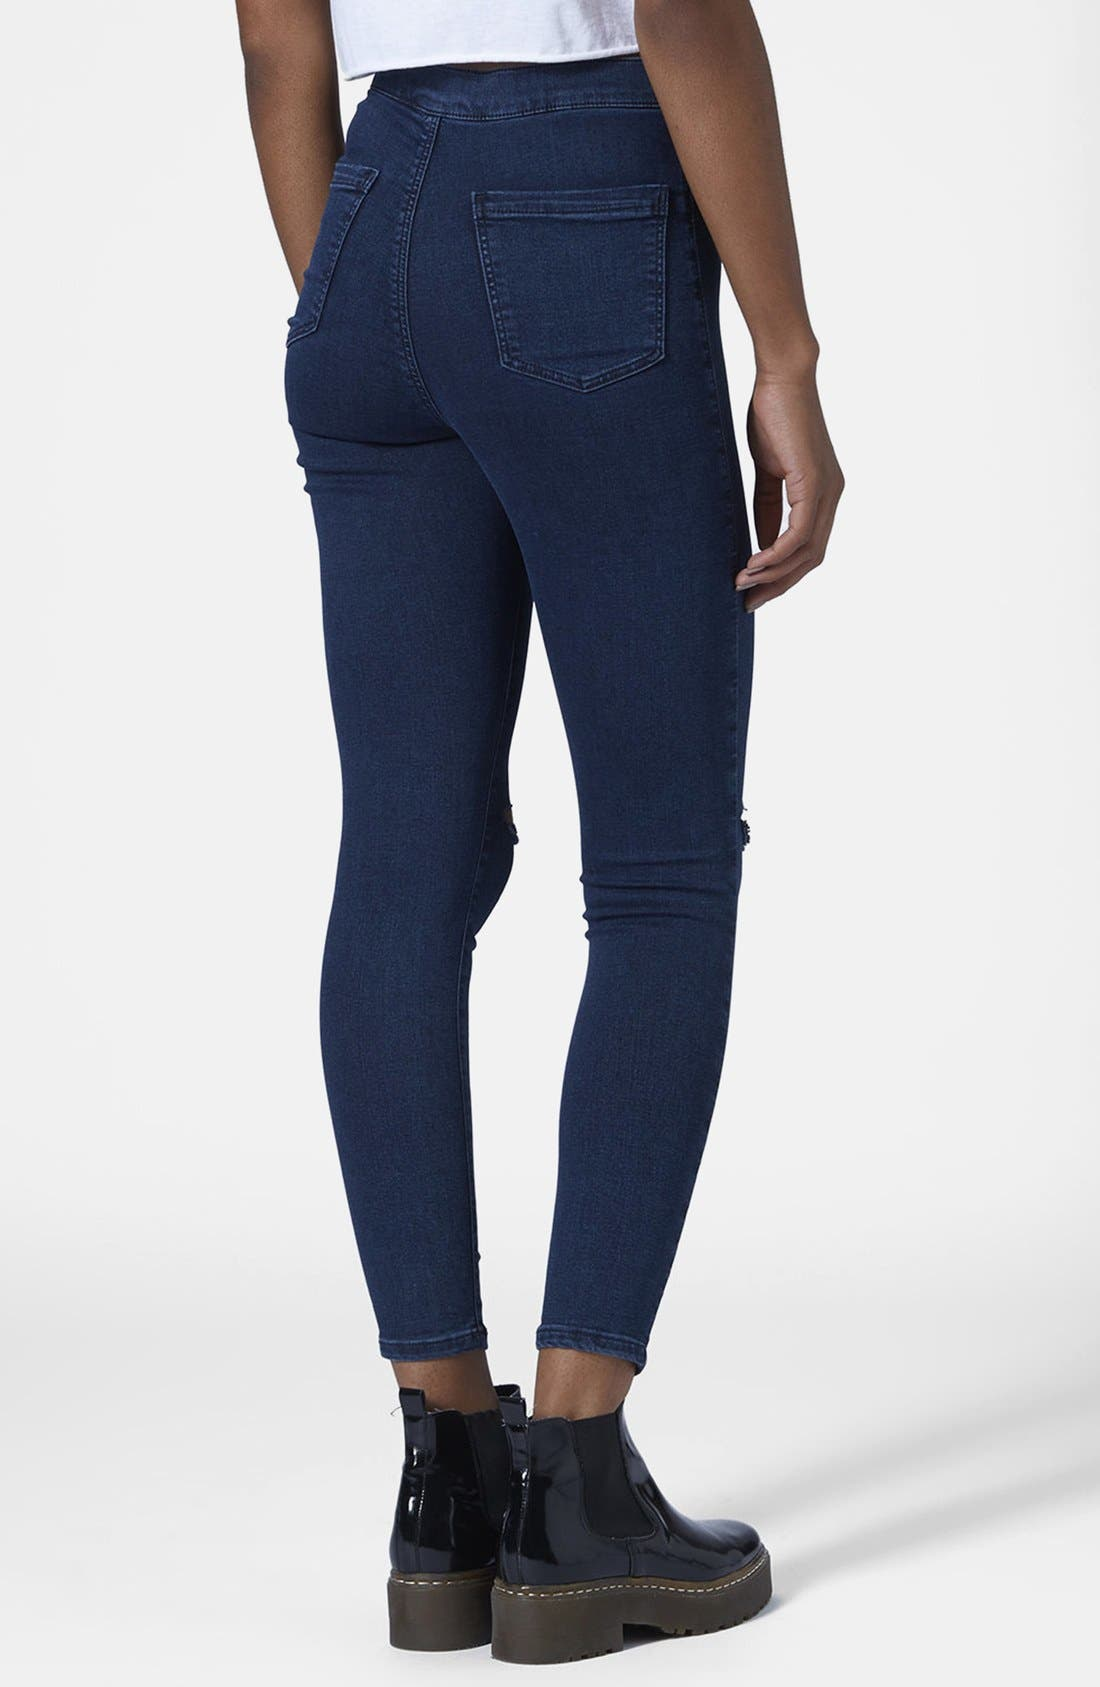 Alternate Image 2  - Topshop Moto 'Joni' Ripped High Rise Skinny Jeans (Blue) (Petite)